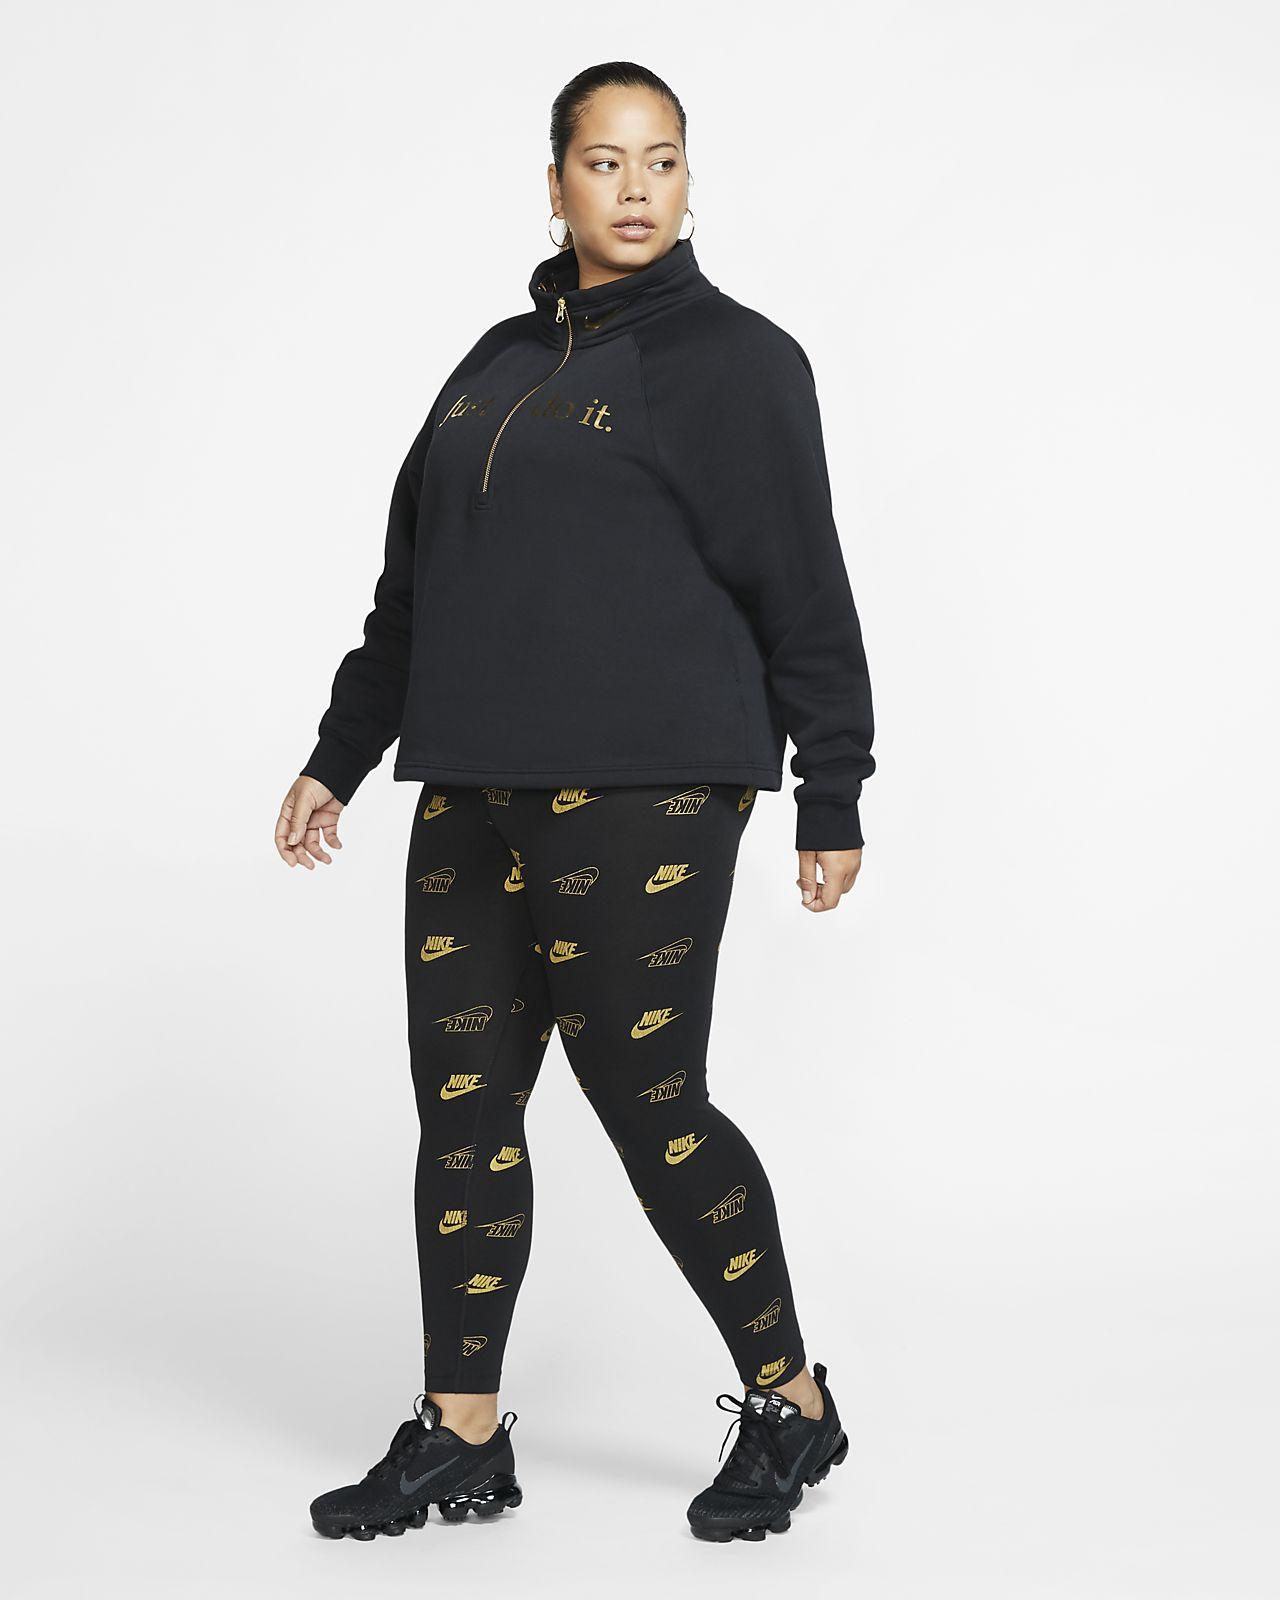 Dámské legíny Nike Sportswear s potiskem (větší velikost)